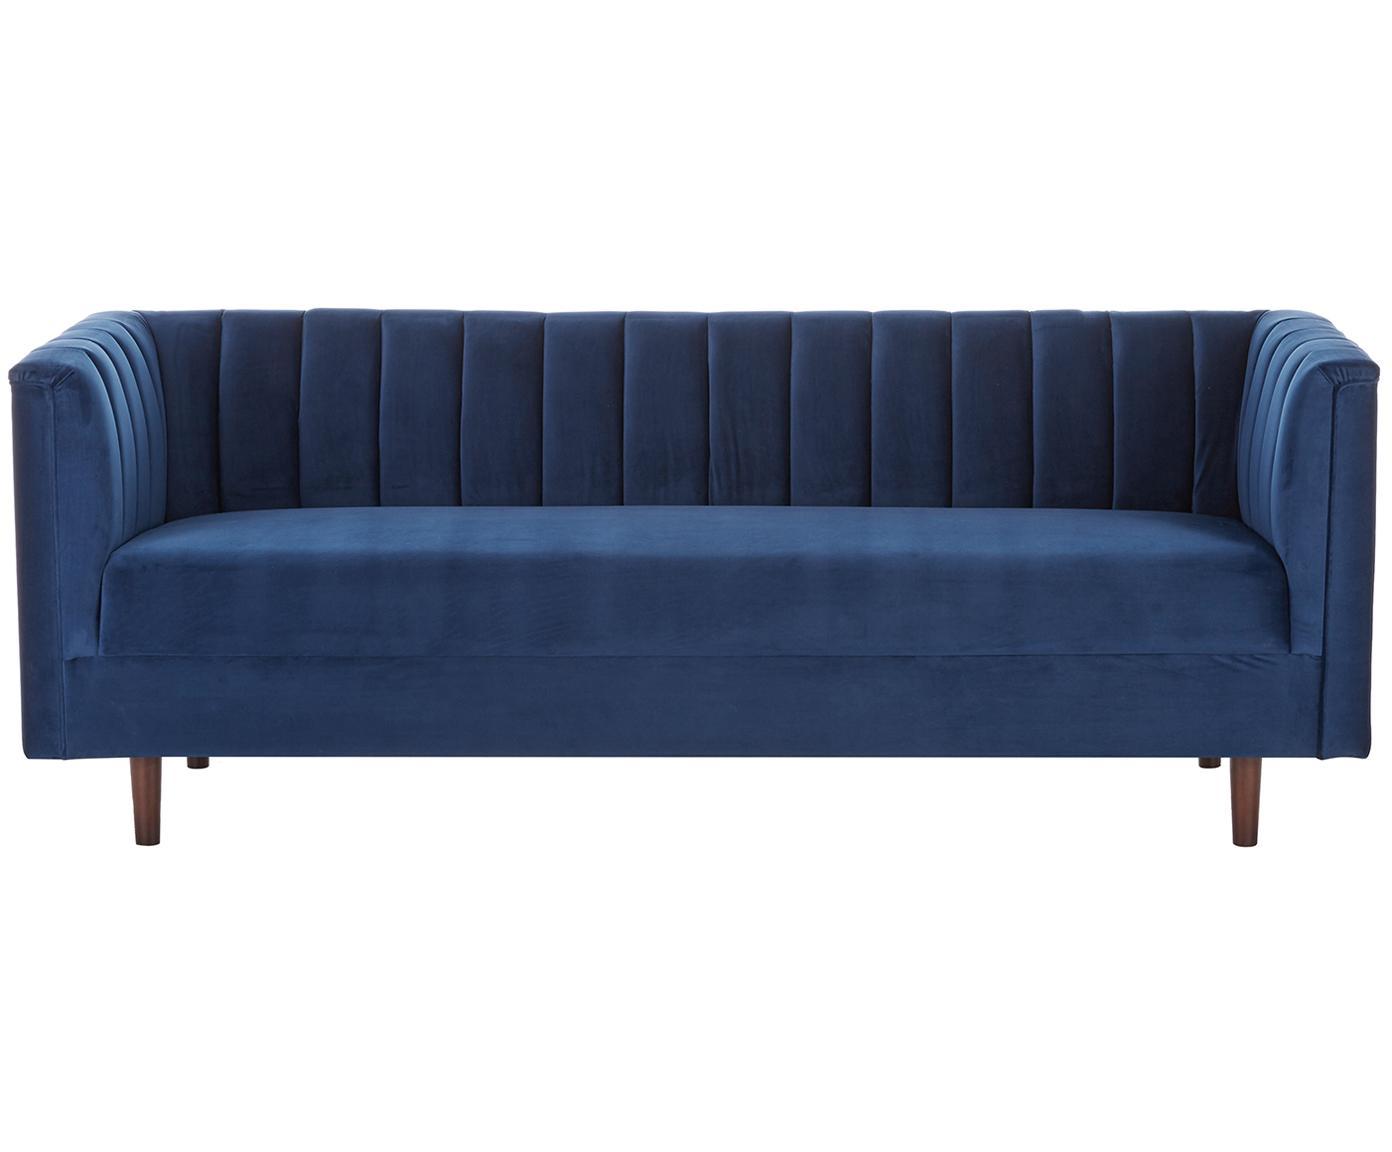 Sofa z aksamitu Paula (3-osobowa), Tapicerka: aksamit (poliester) 28 00, Stelaż: drewno sosnowe, Nogi: drewno kauczukowe, Tapicerka: niebieski Nogi: drewno kauczukowe, ciemny lakierowany, S 199 x W 77 cm